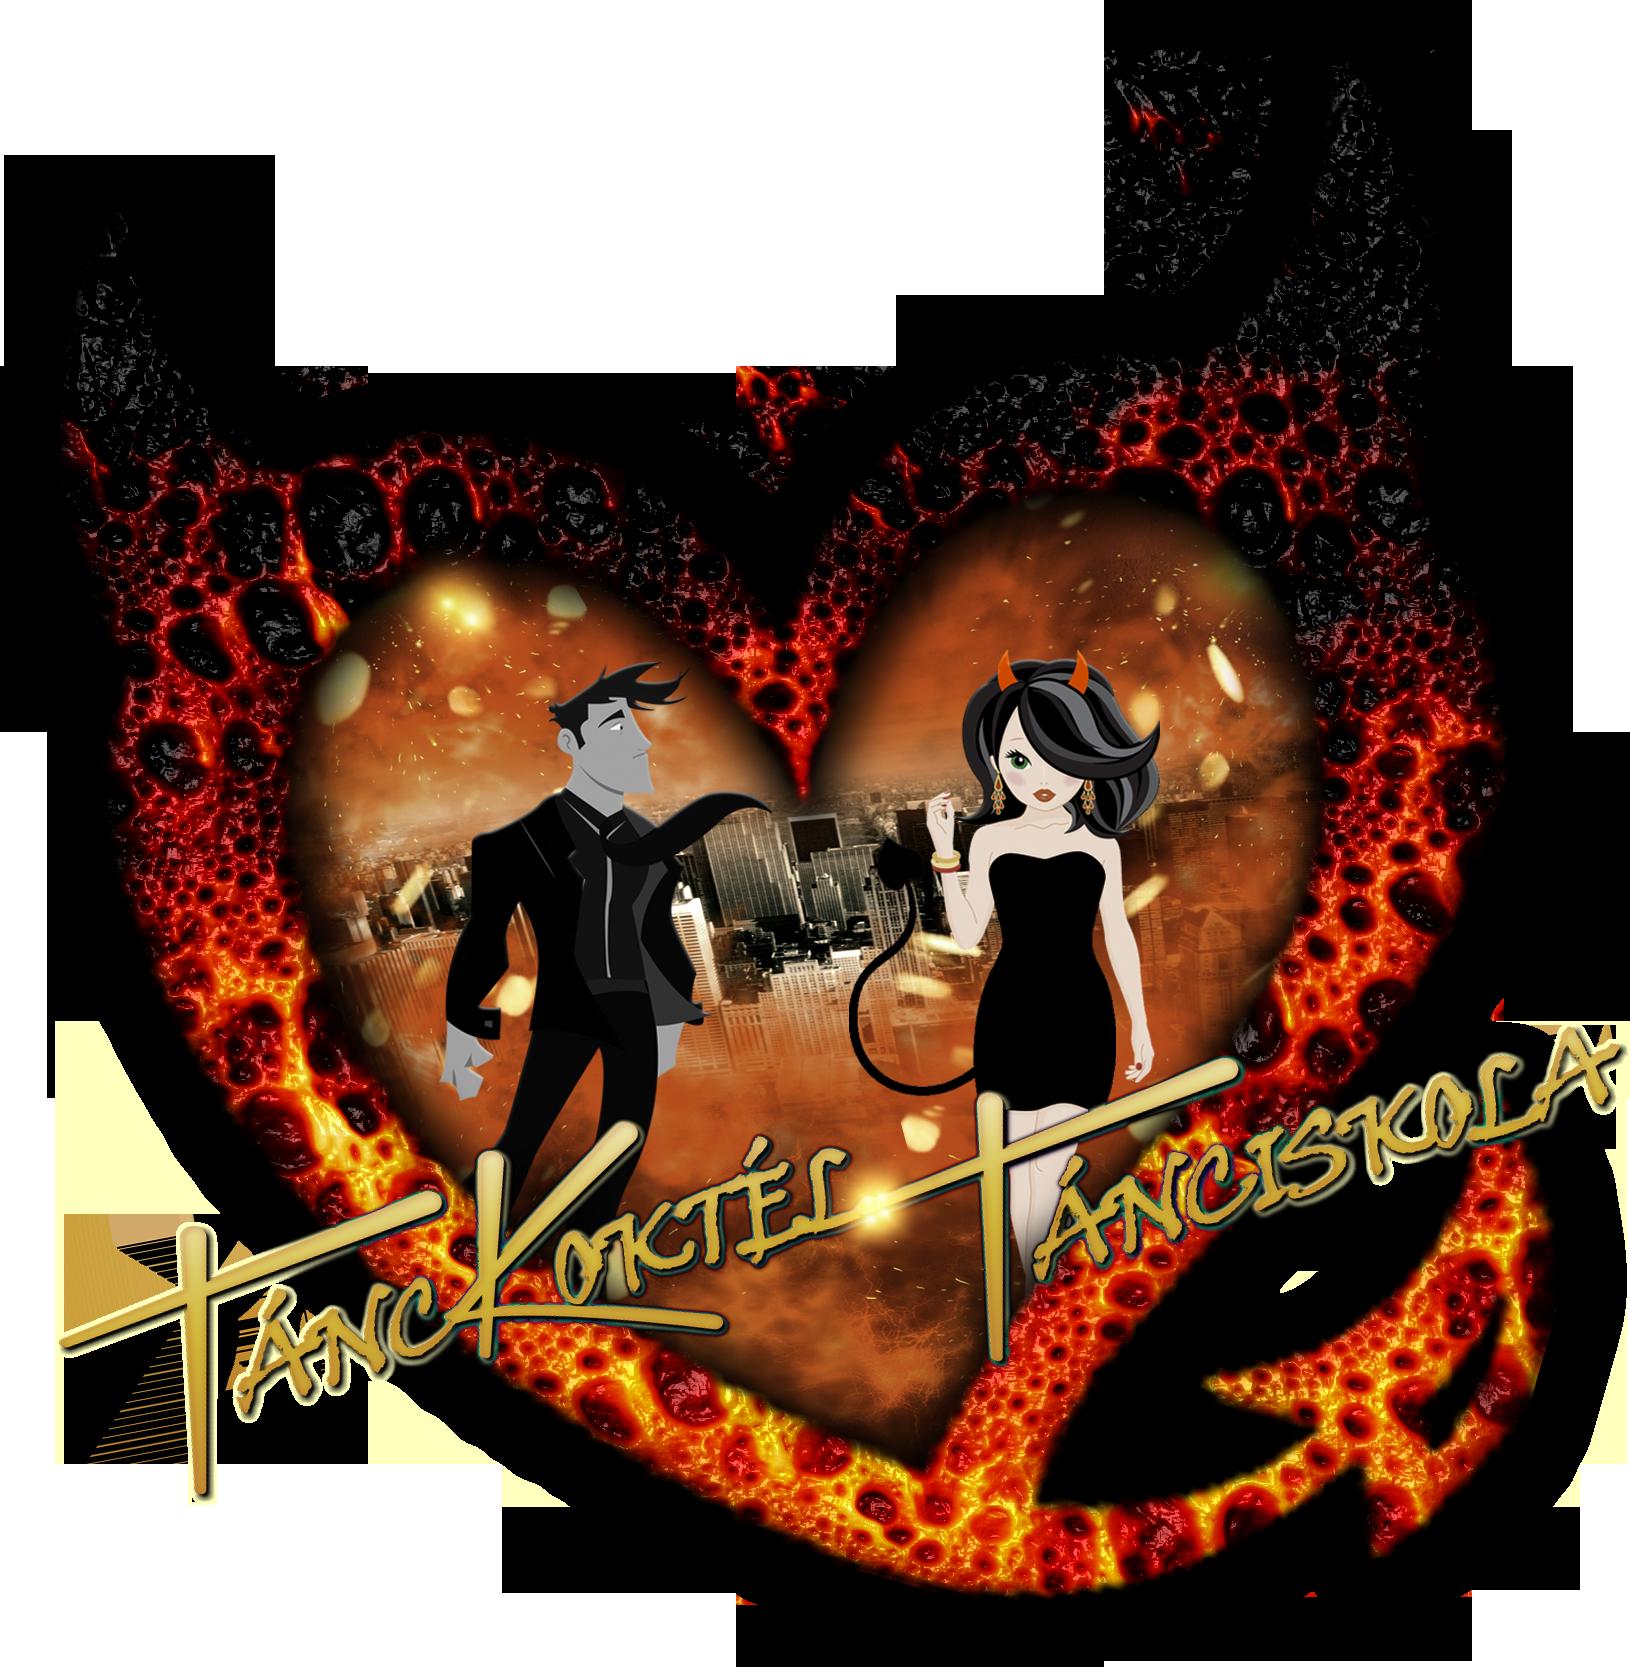 TÁNCKOKTÉL TÁNCISKOLA - társastánc és salsa tánctanfolyam, tánctábor, magán táncóra / tánctanár, táncoktatás esküvőre, táncoktatás szalagavatóra partner logo